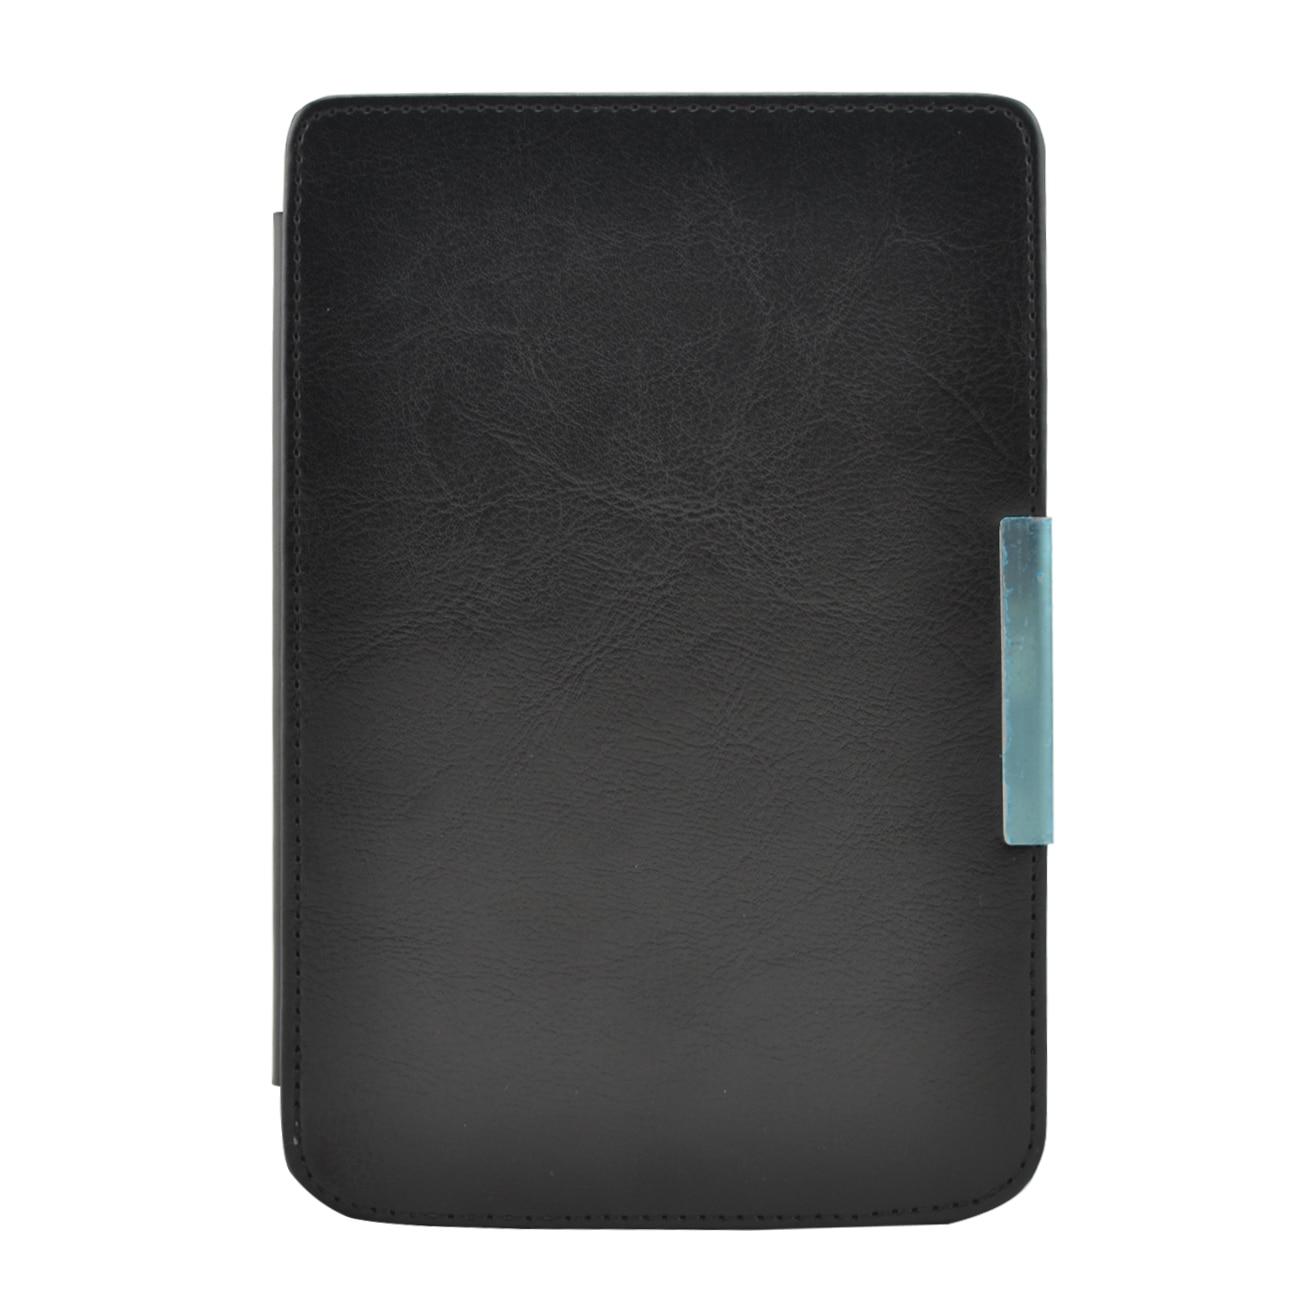 Etui en cuir PU housse funda pour Pocketbook touch 614/624/626/640 livre de poche de base Lux Aqua ereader e-books étui + film + stylet